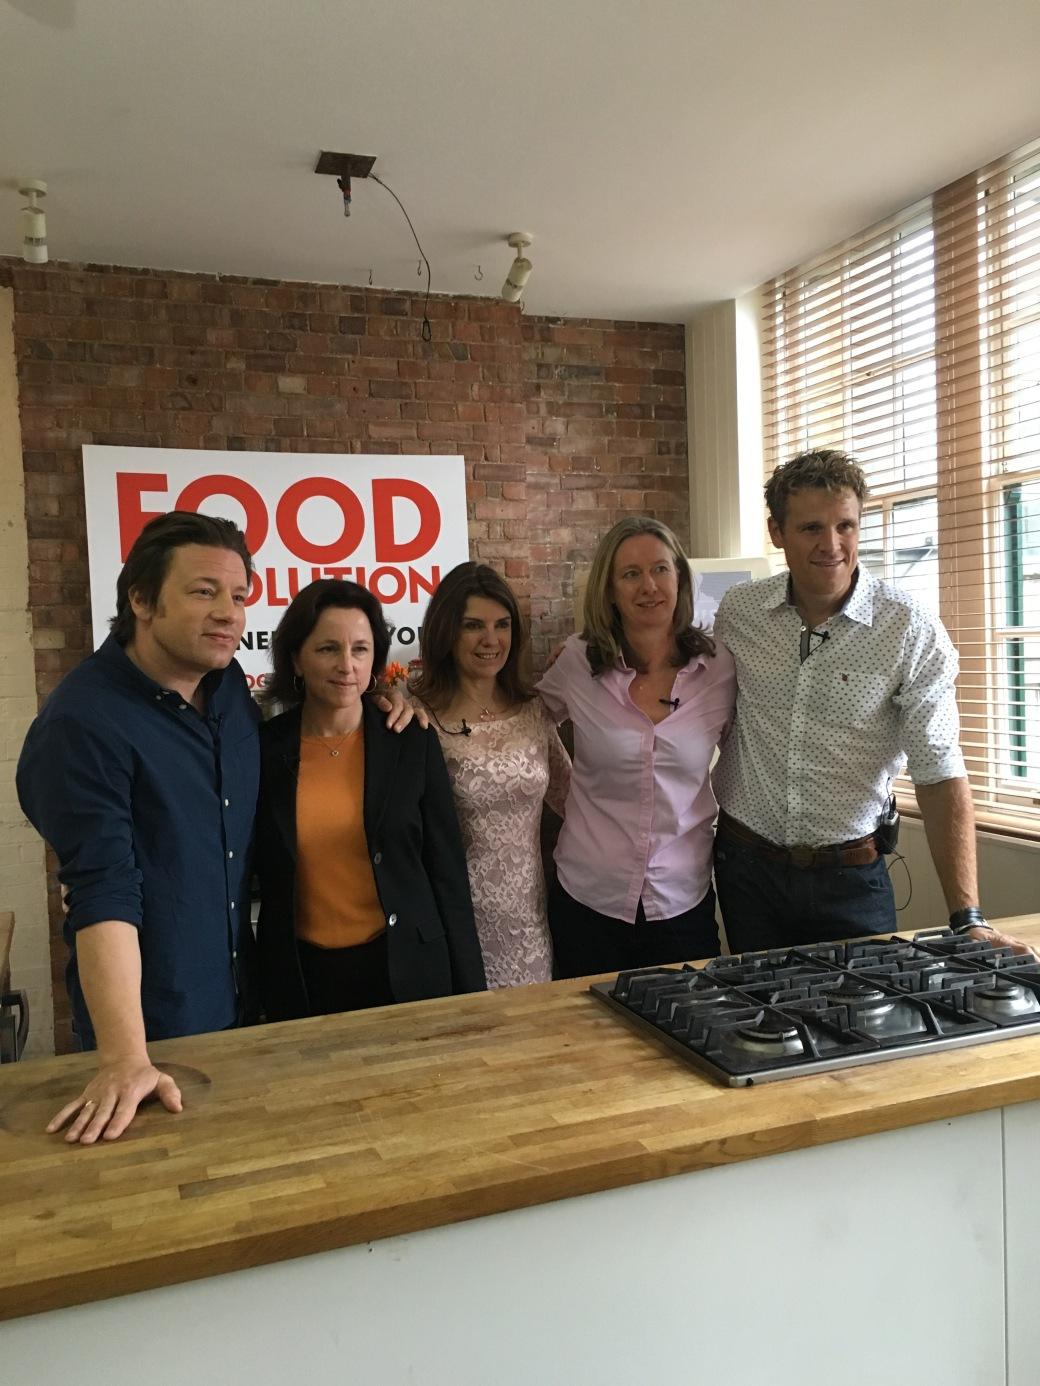 Jamie Oliver, Jackie Long, Dr Dawn Harper, Justine Roberts and James Cracknell